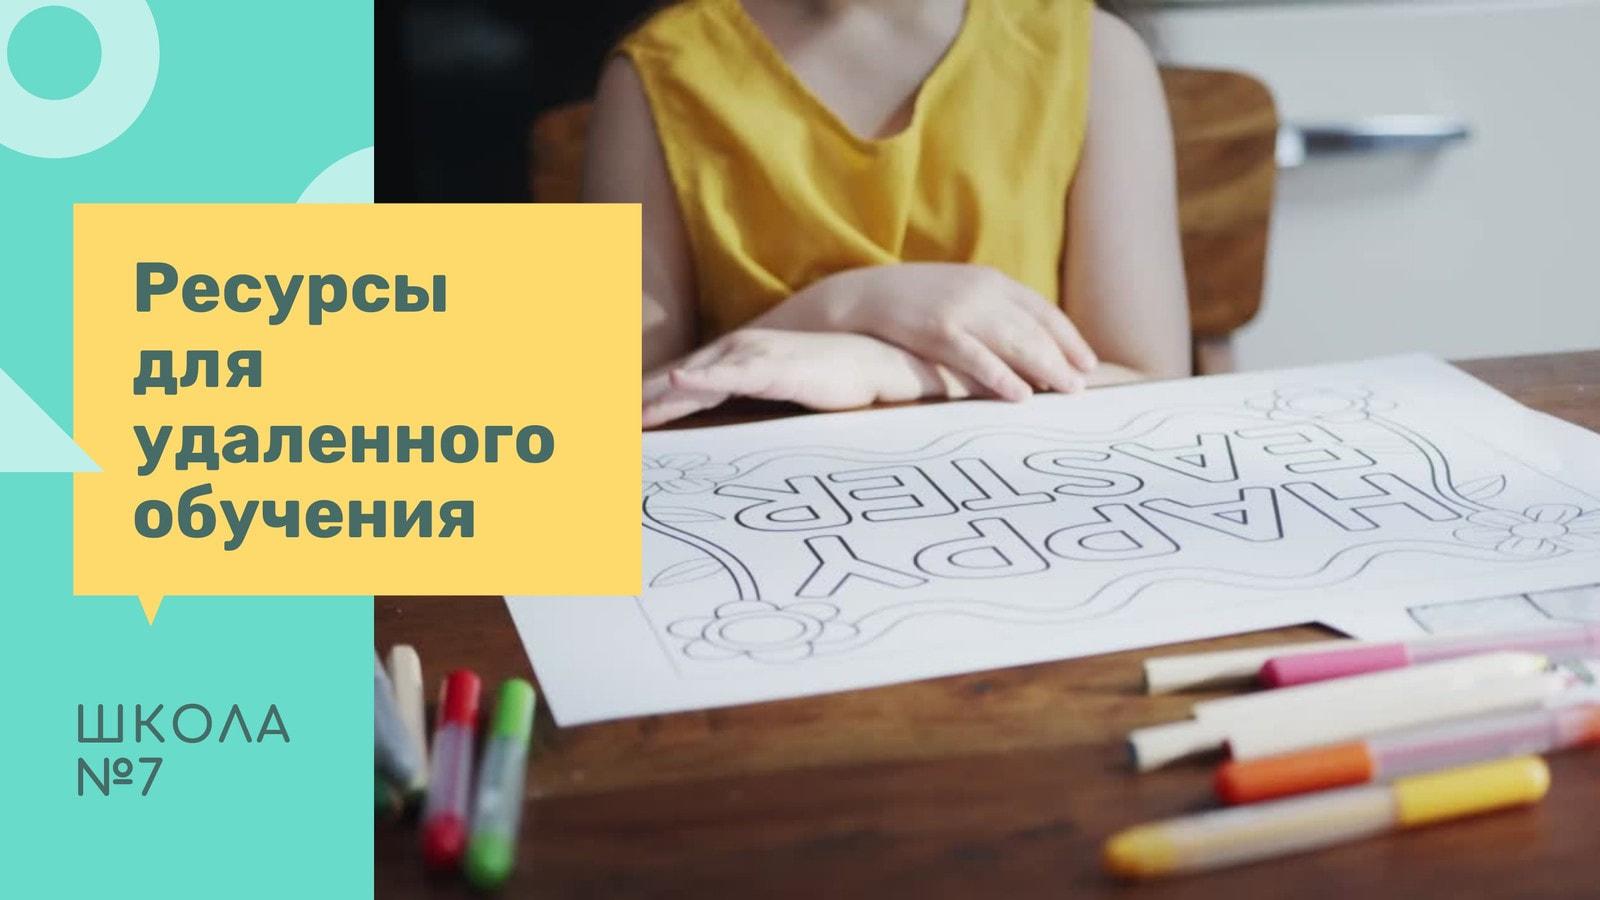 Бирюзовое и Желтое Школа/Дистанционное Обучение 16:9 Видео